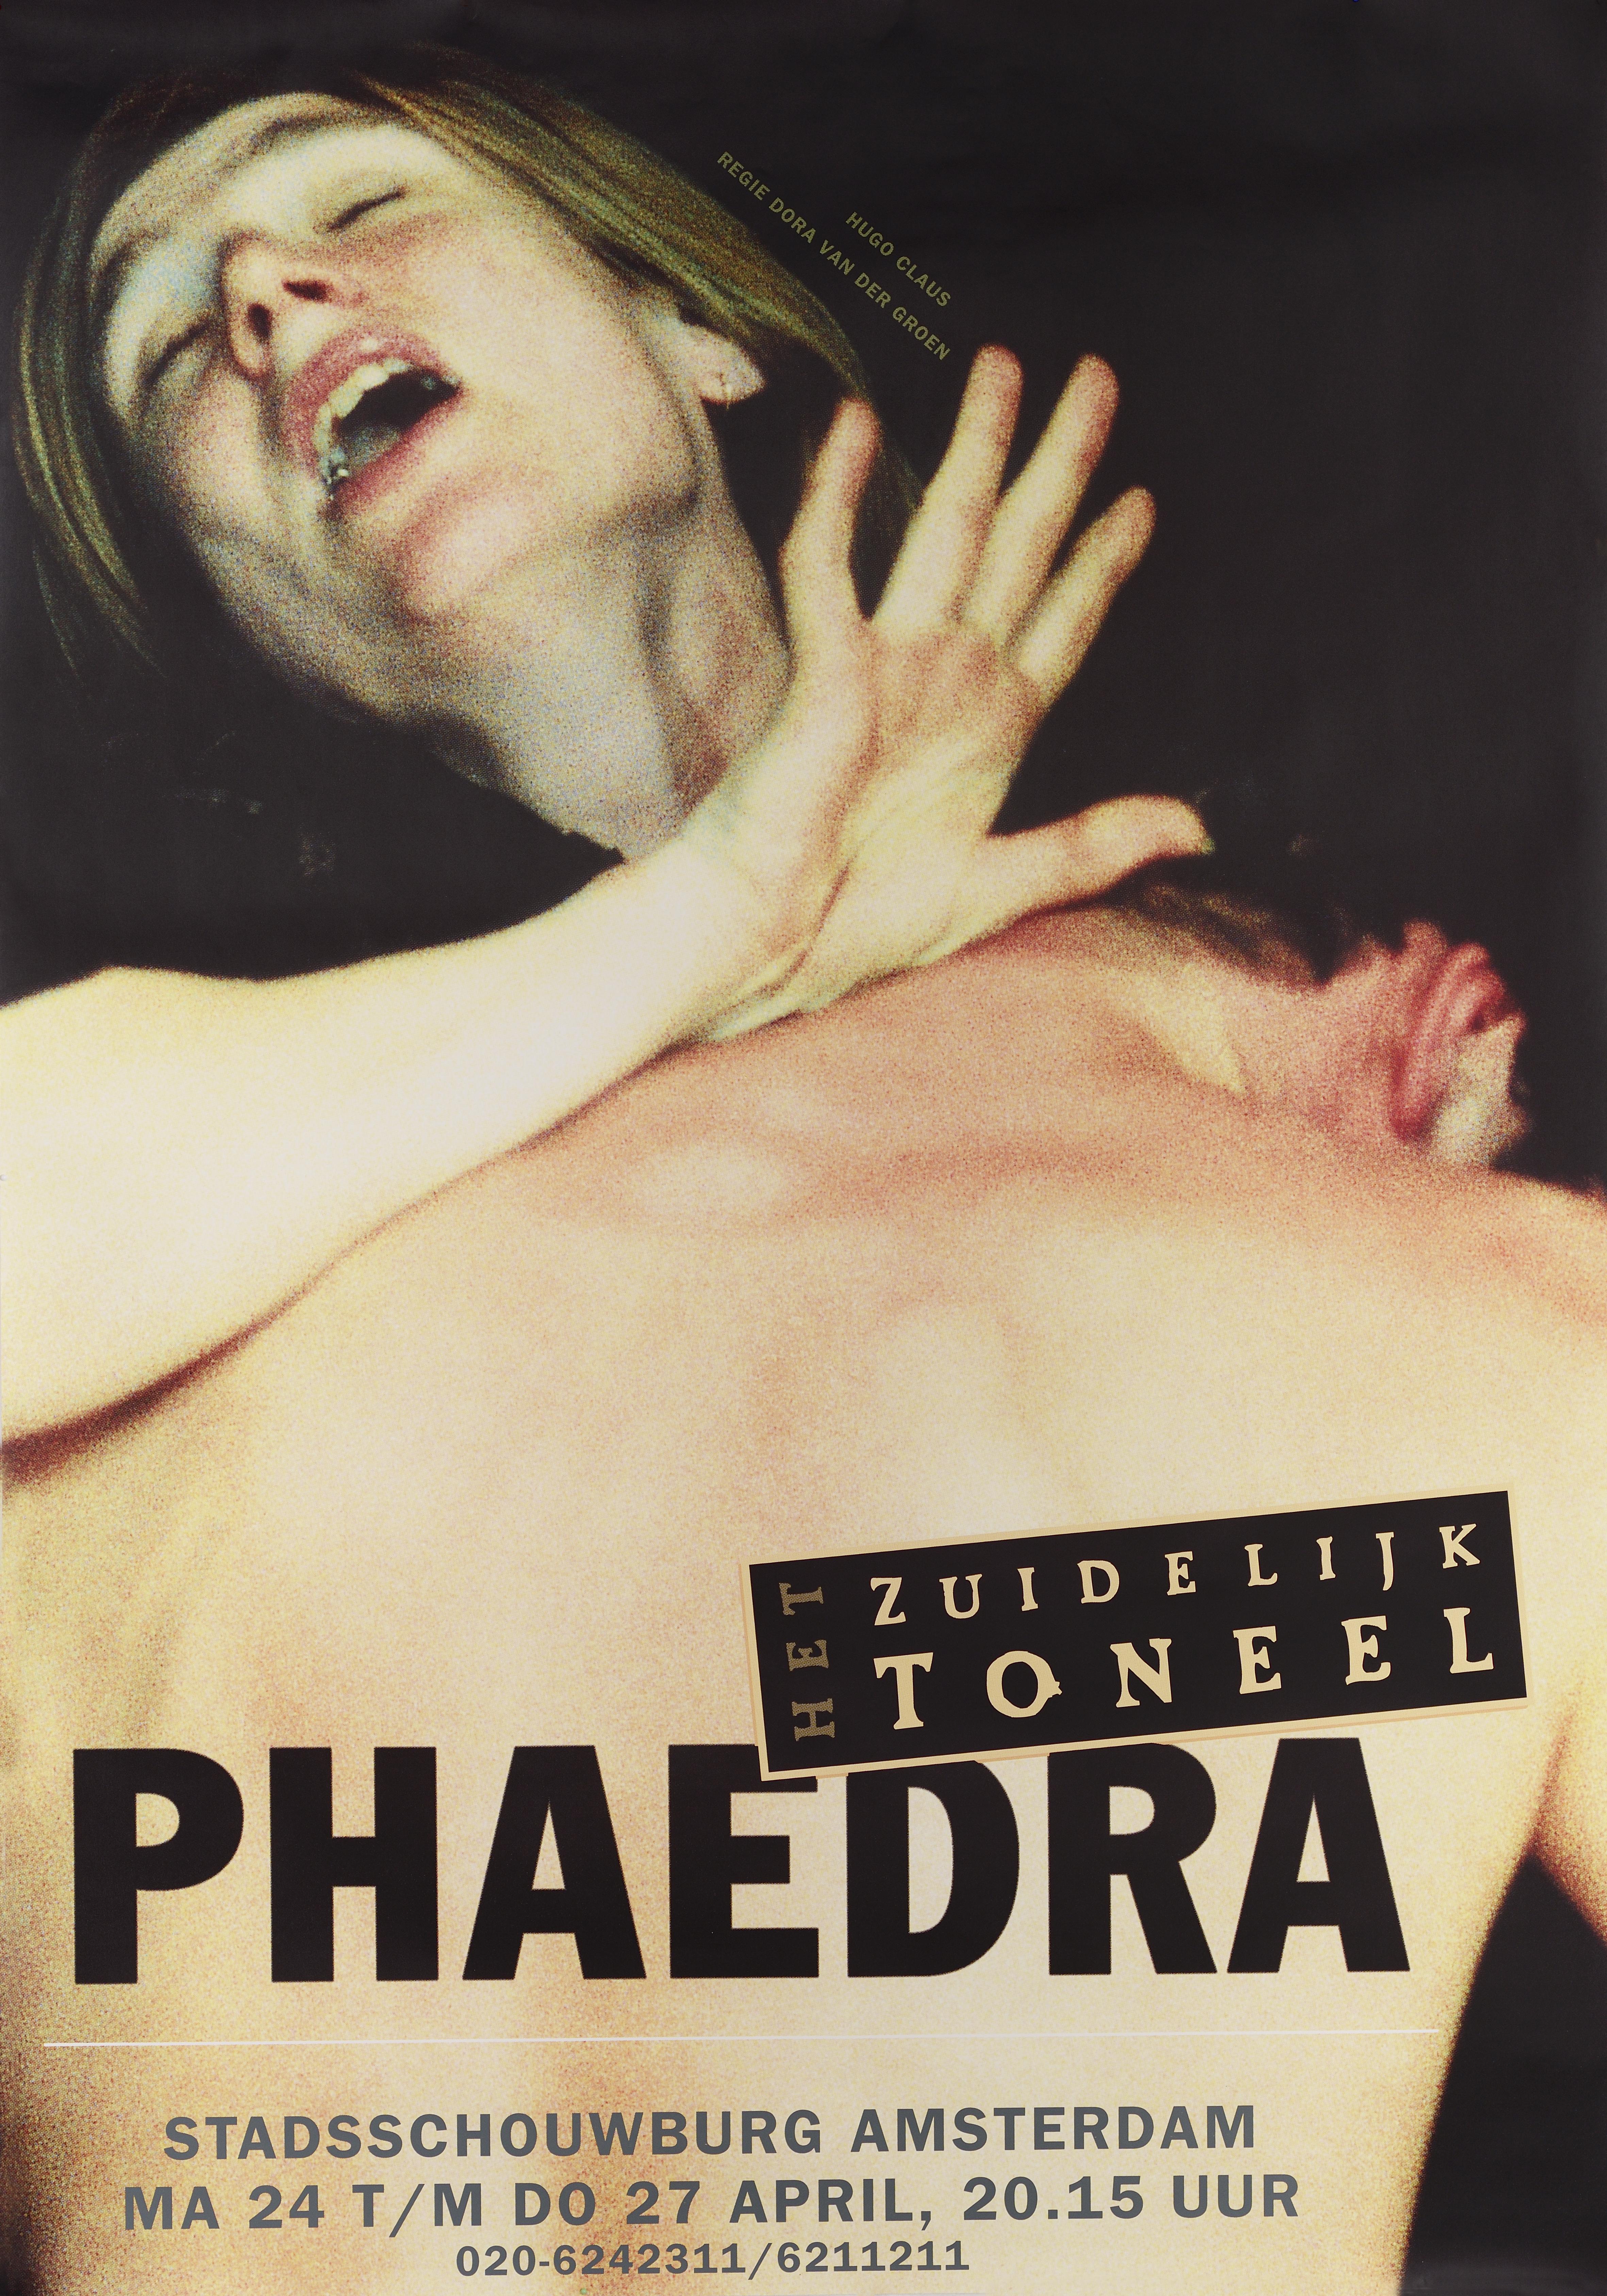 Affiche - Het Zuidelijk Toneel - Phaedra